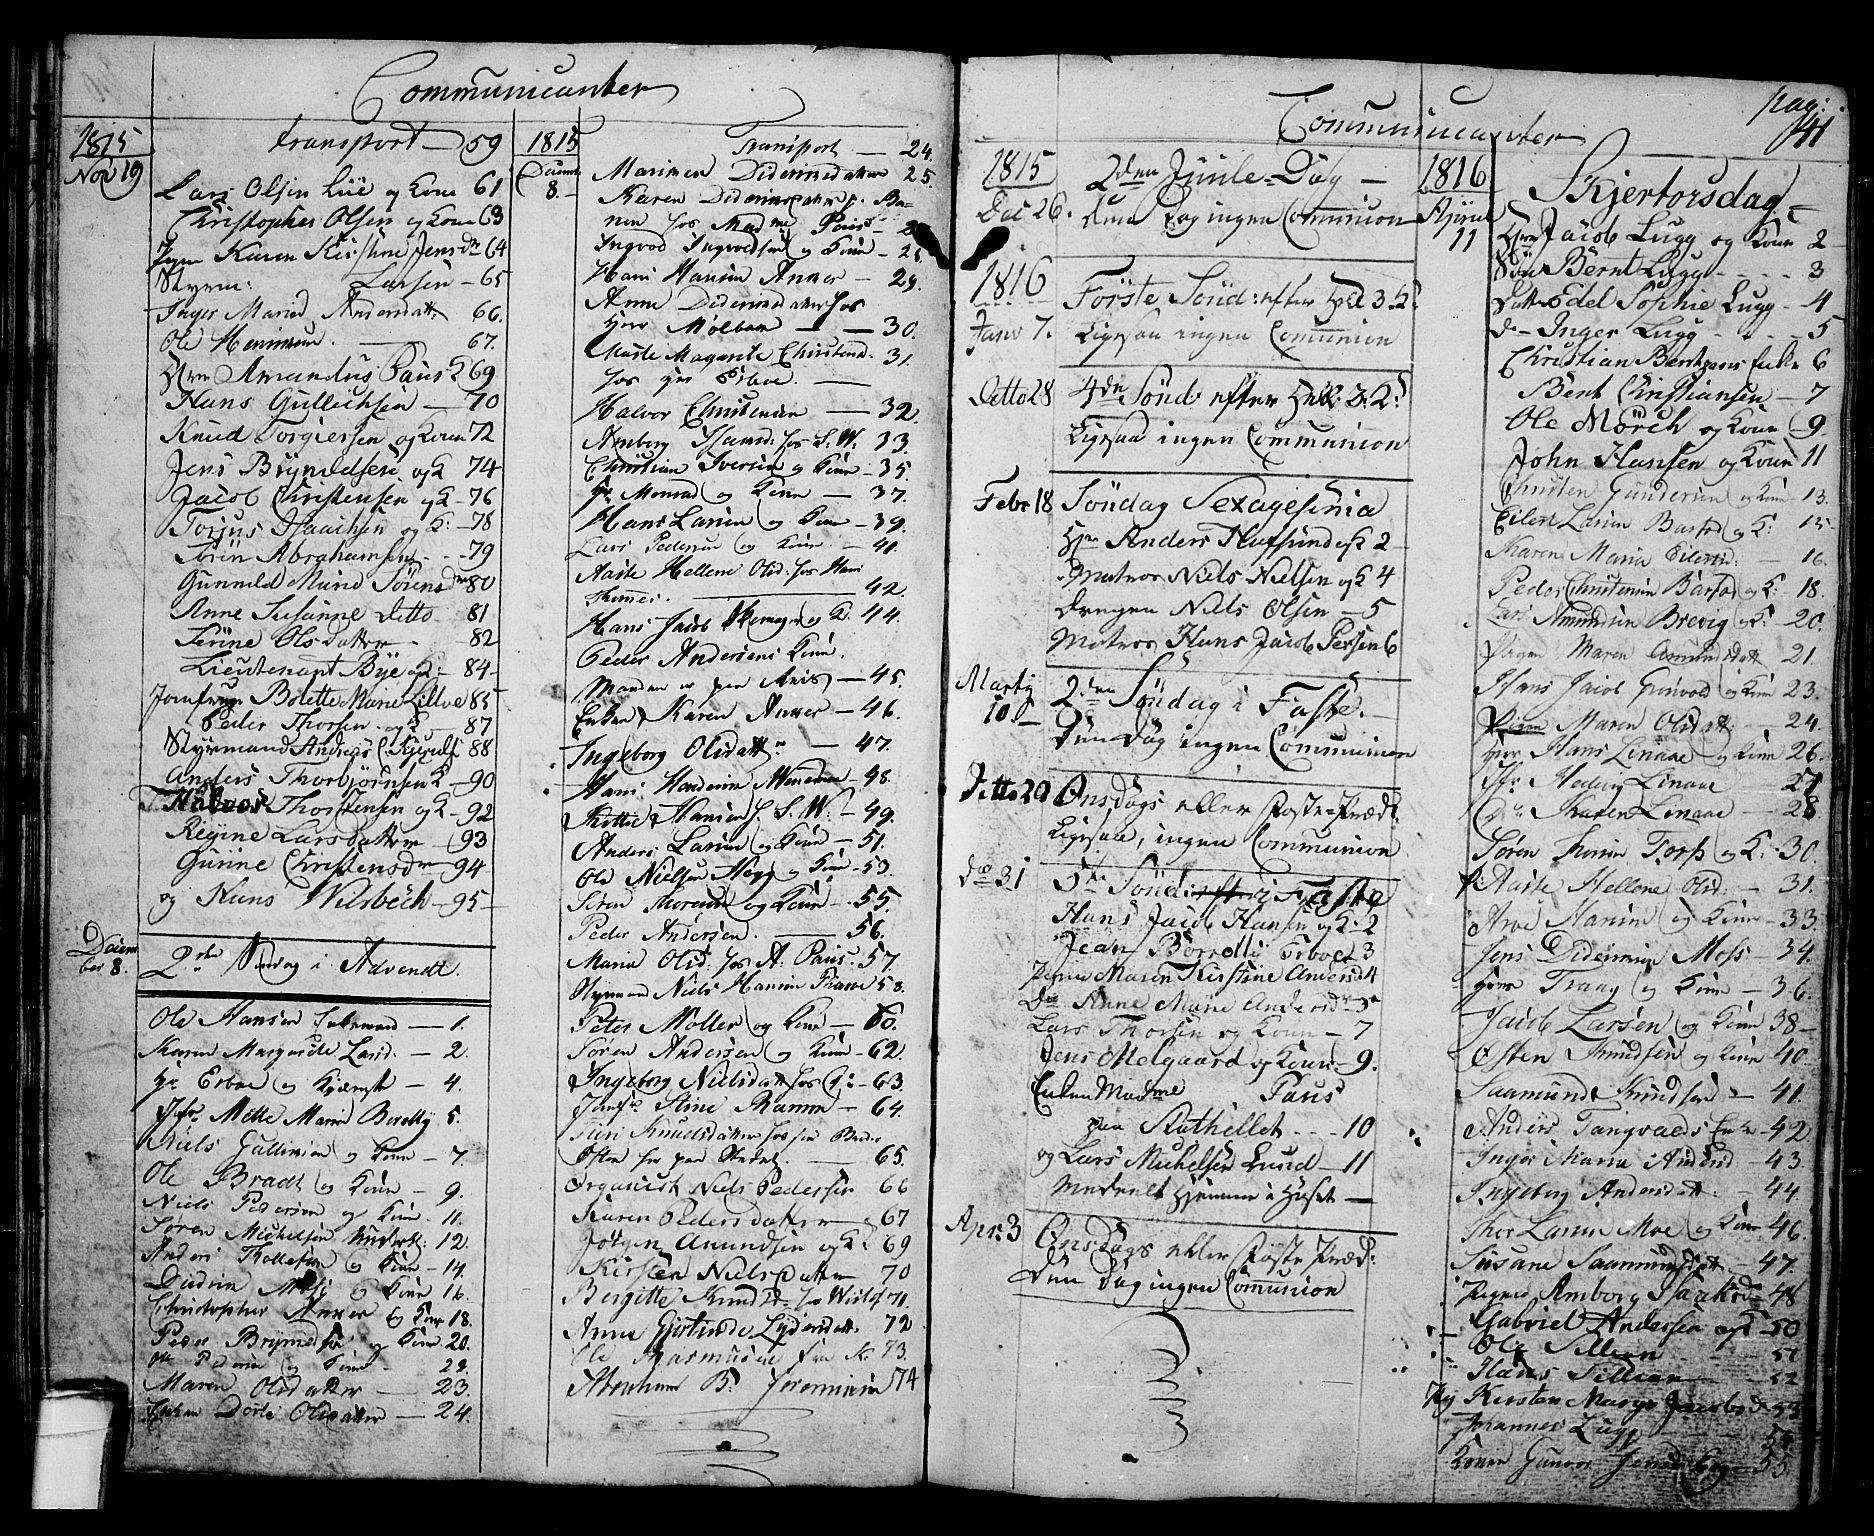 SAKO, Langesund kirkebøker, G/Ga/L0002: Klokkerbok nr. 2, 1801-1815, s. 41